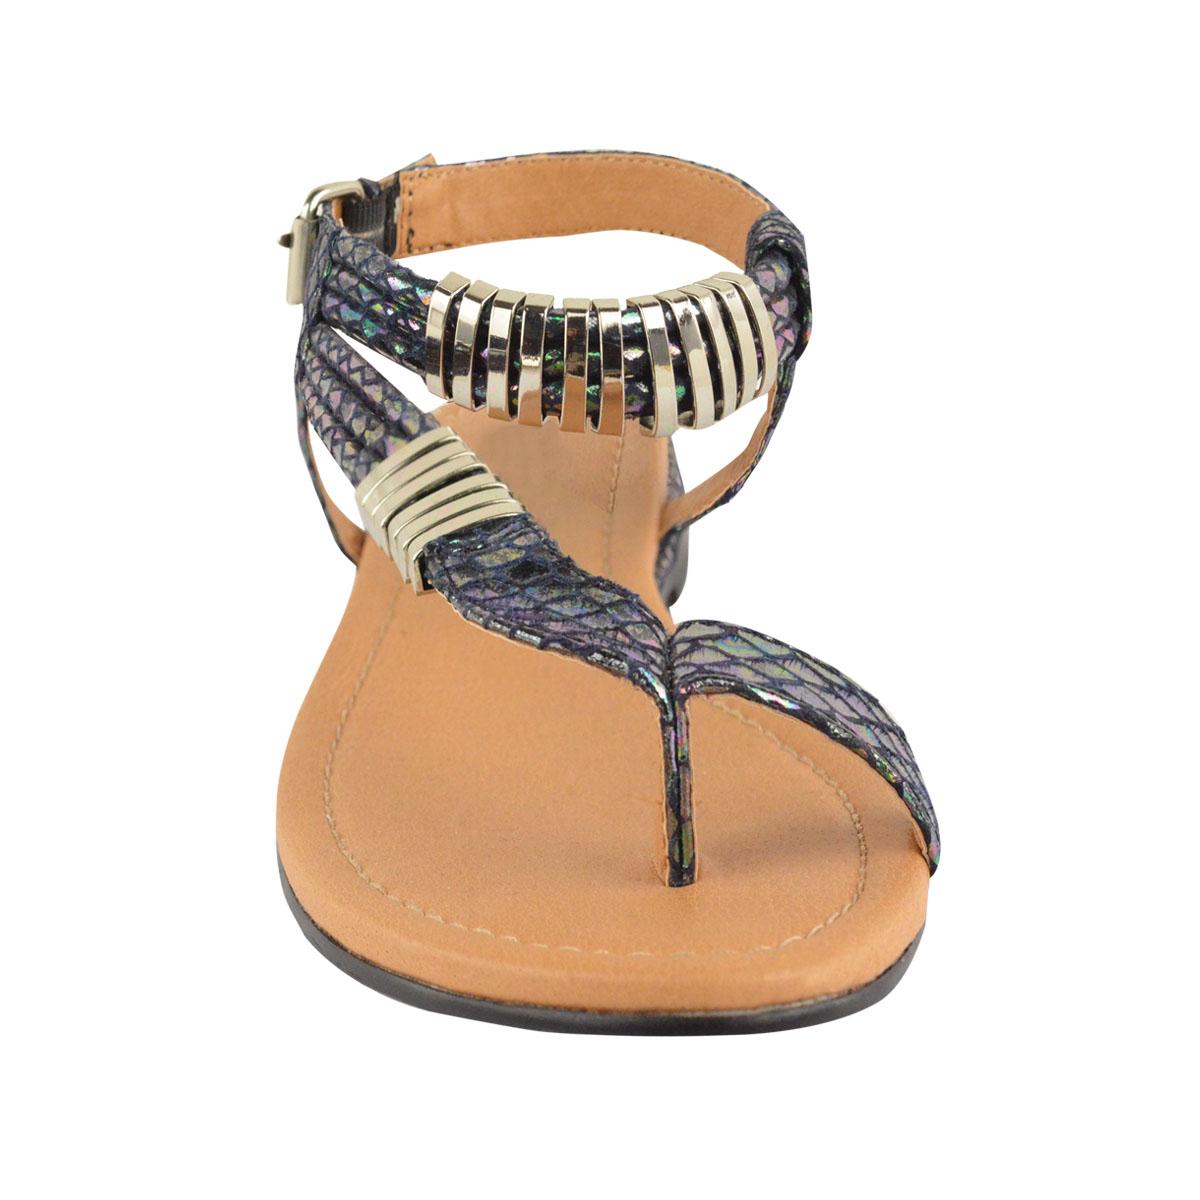 flip flop sandals flat günstig kaufen amazon